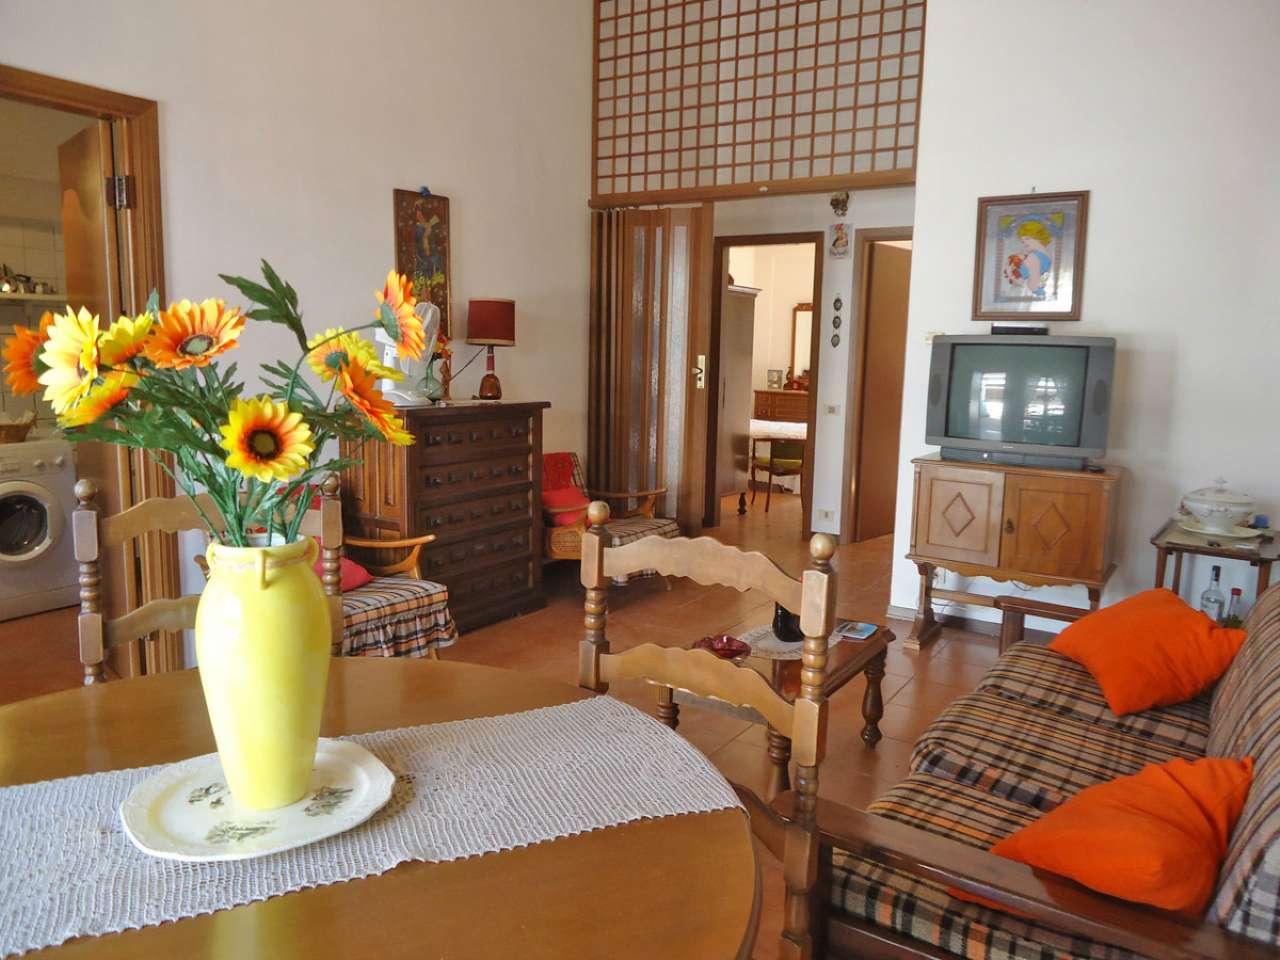 Appartamento in vendita a Sabaudia, 5 locali, prezzo € 148.000 | CambioCasa.it